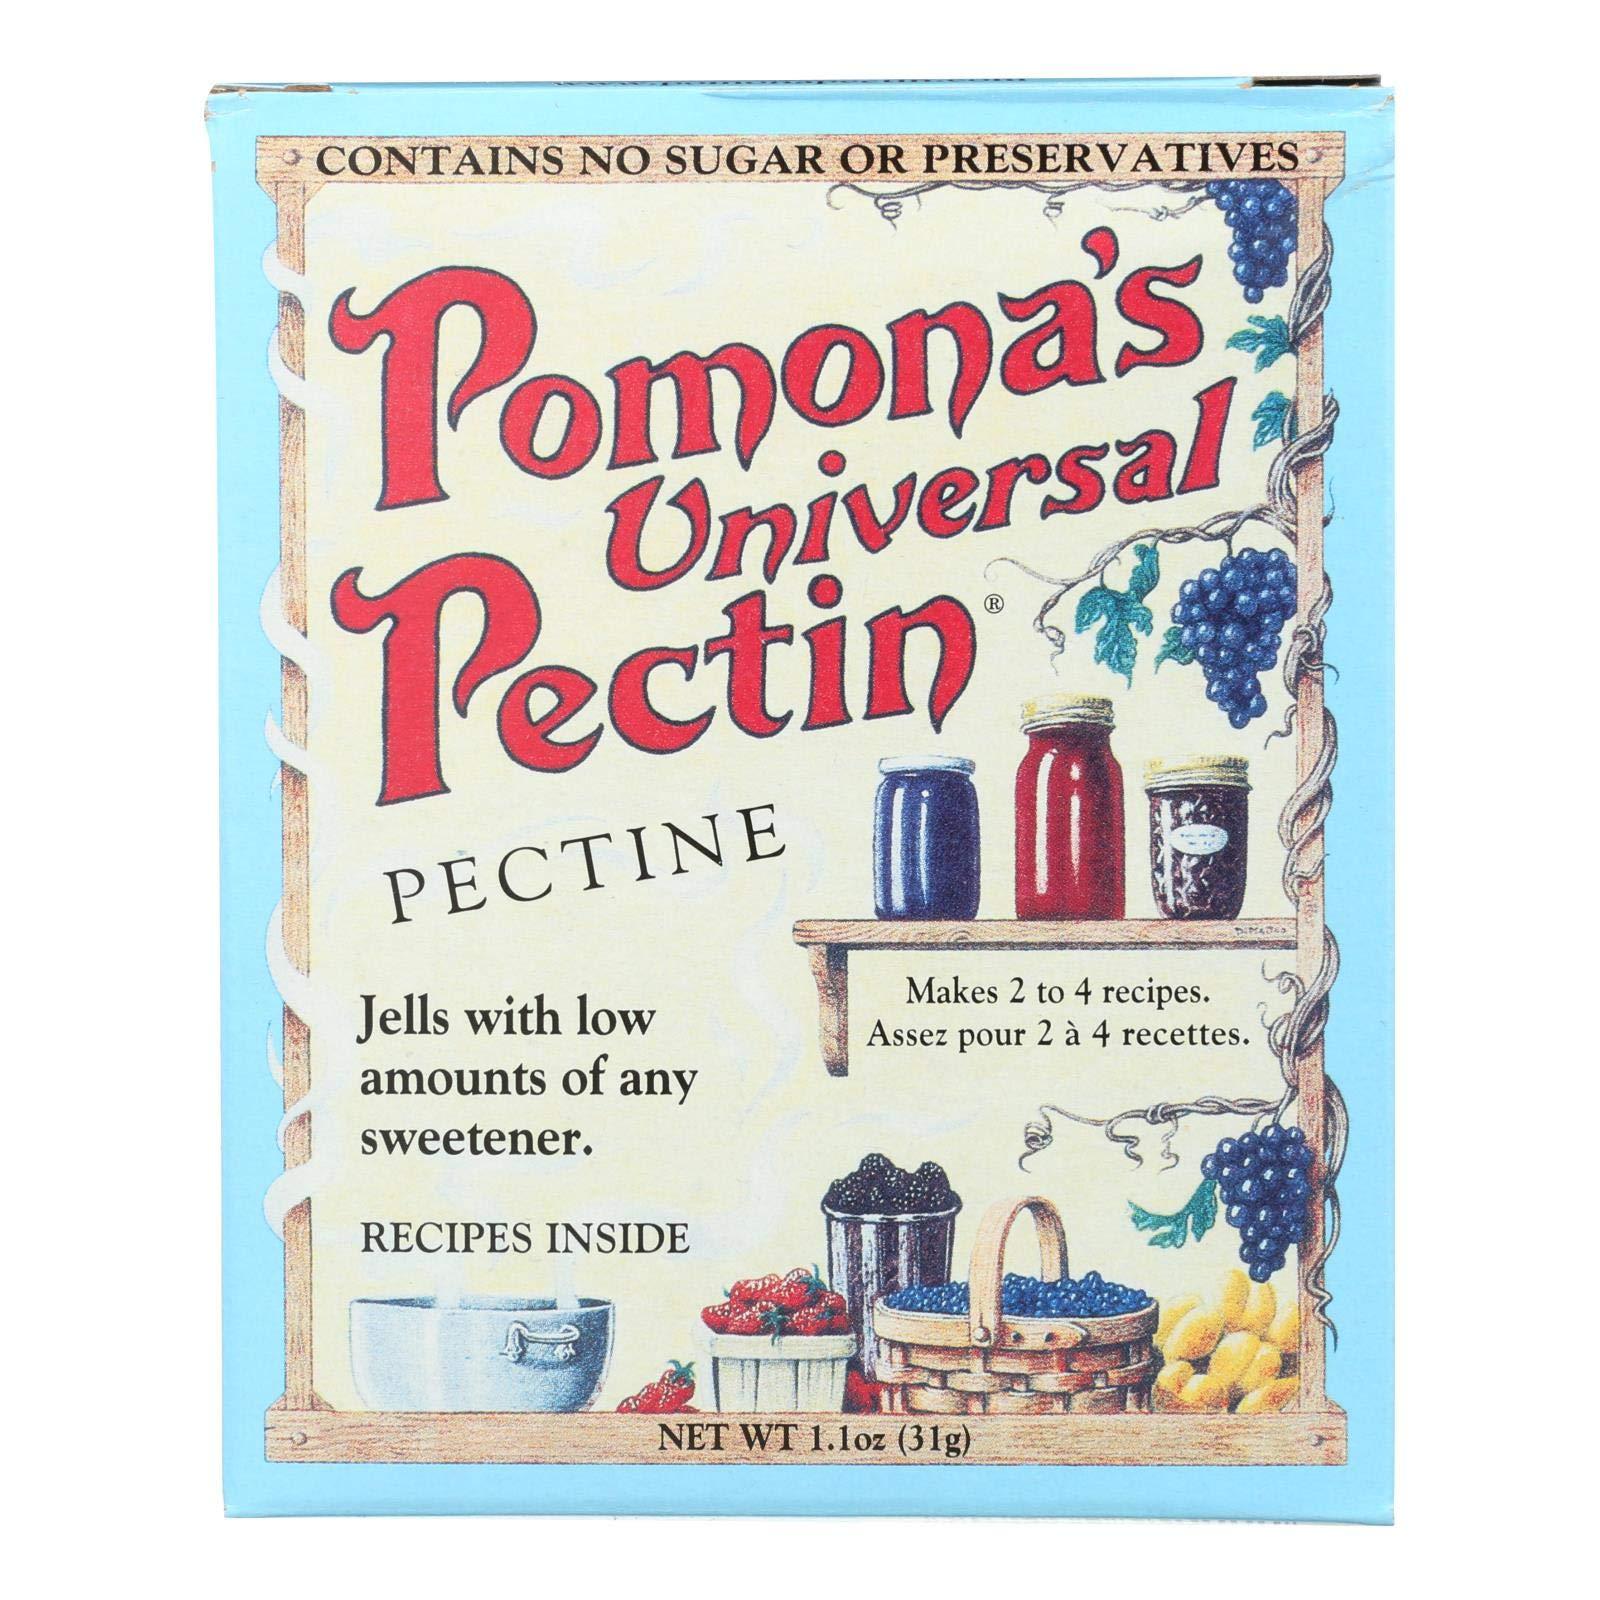 Pomonas Pectin Universal Pectin - 1 oz - Case of 24 by Pomonas Pectin